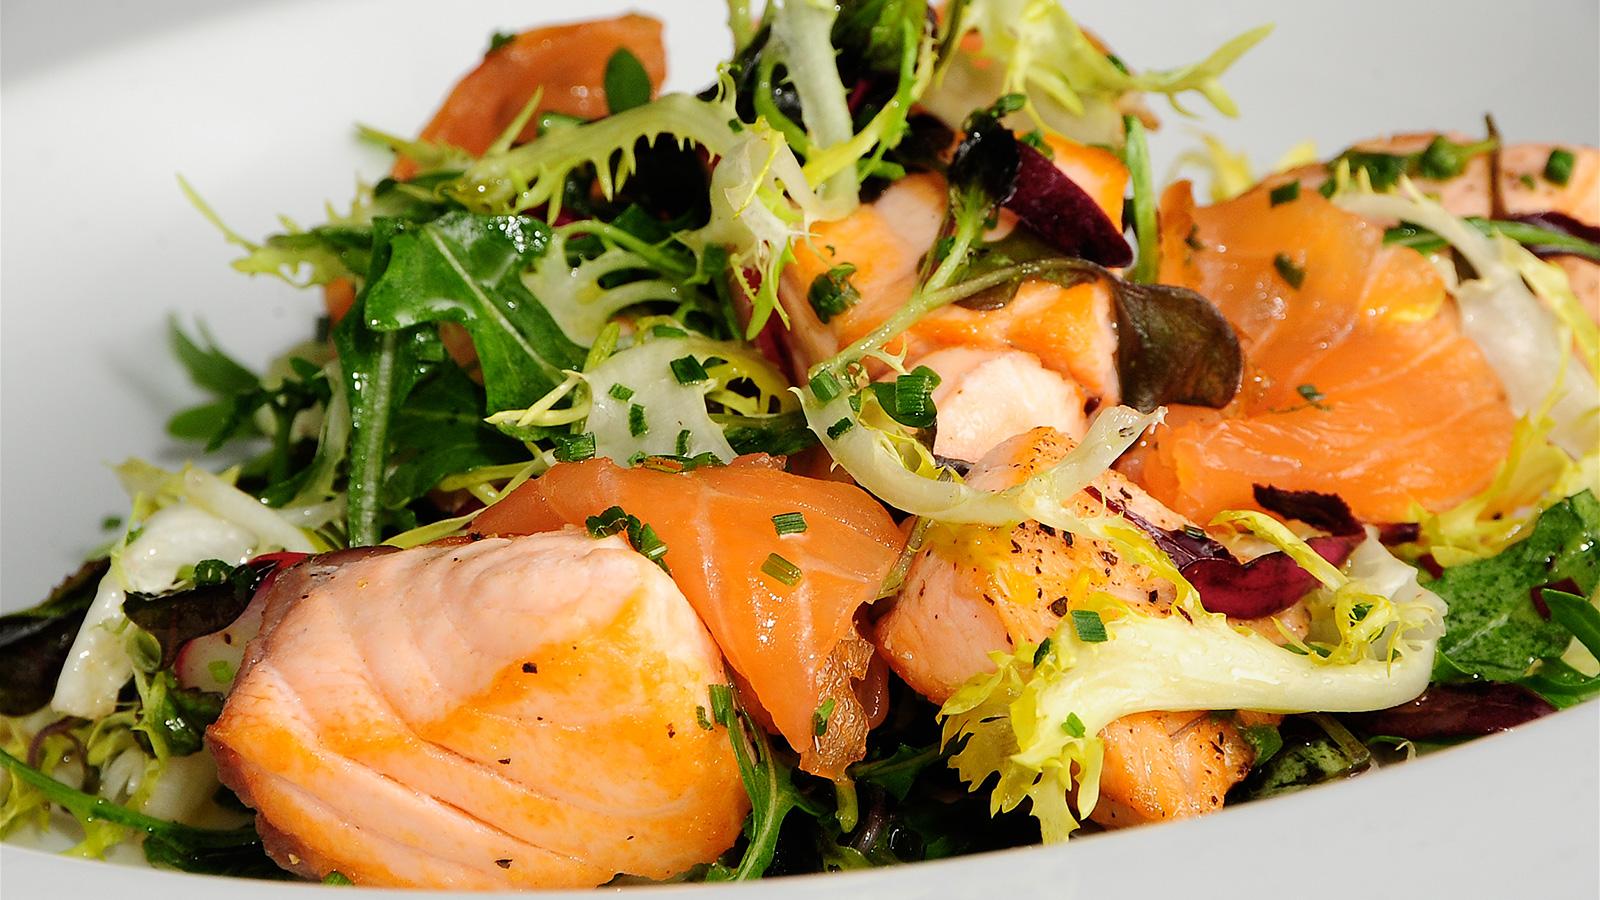 Ensalada con salm n fresco y ahumado sergio fern ndez - Ensalada de aguacate y salmon ahumado ...